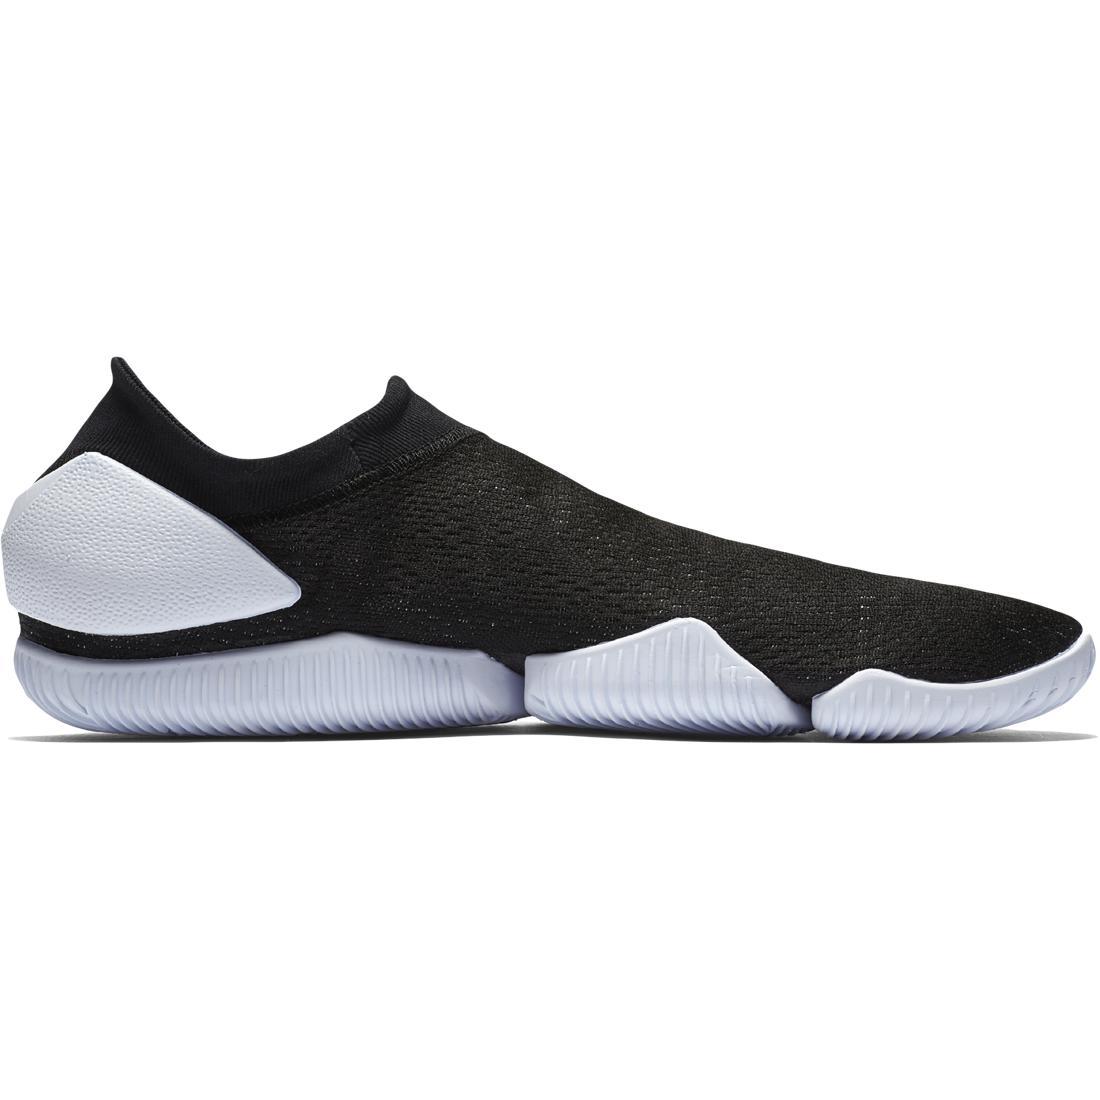 Aqua 360 - Black/ Athletic Shoes